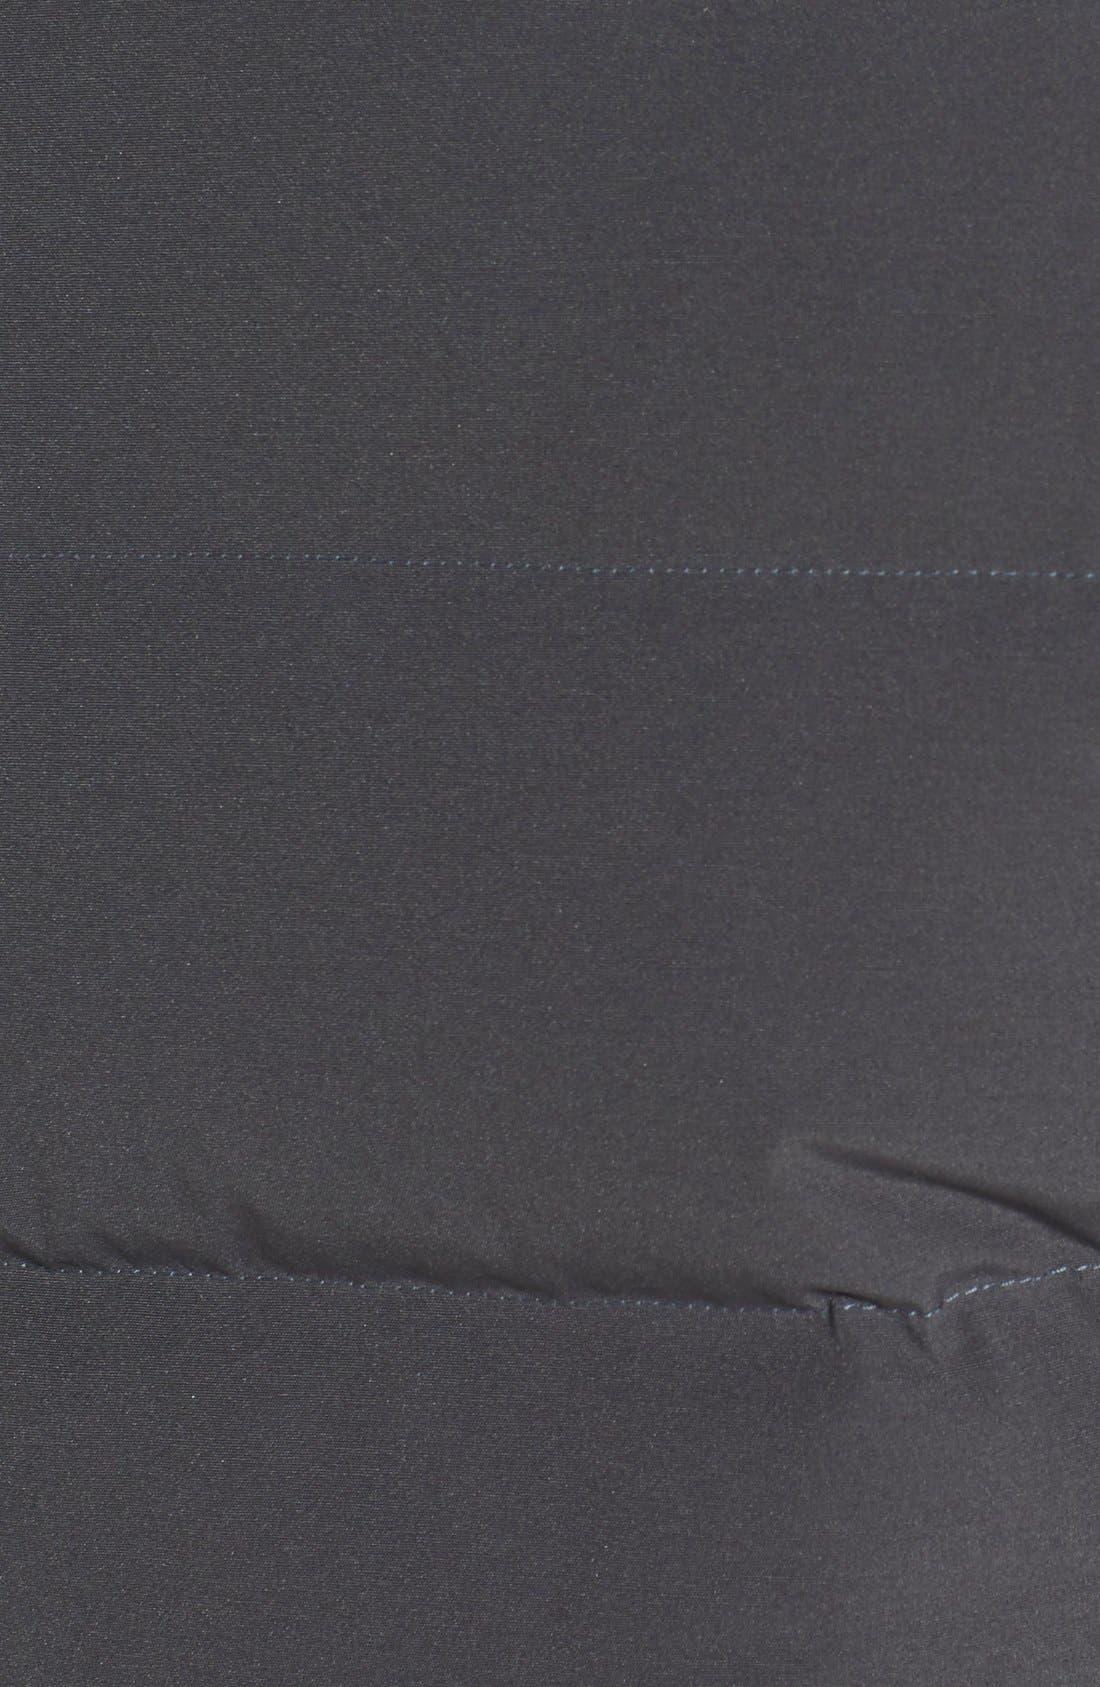 'Freestyle' Slim Fit Down Vest,                             Alternate thumbnail 3, color,                             GRAPHITE